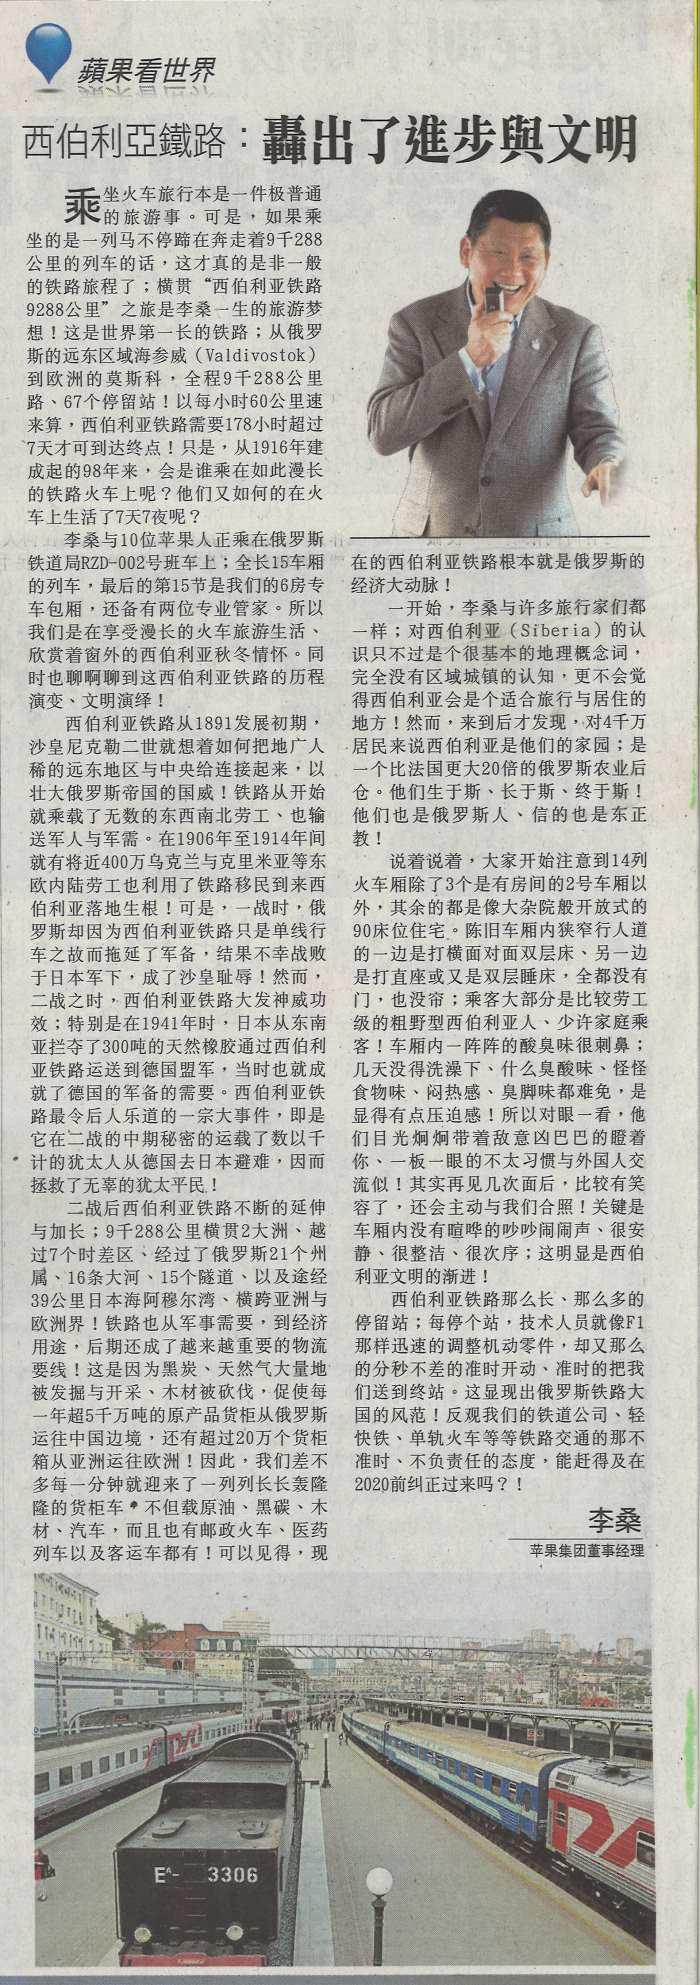 2014年3月31日《星洲日报》〈星期日广场〉‧ 蘋果看世界